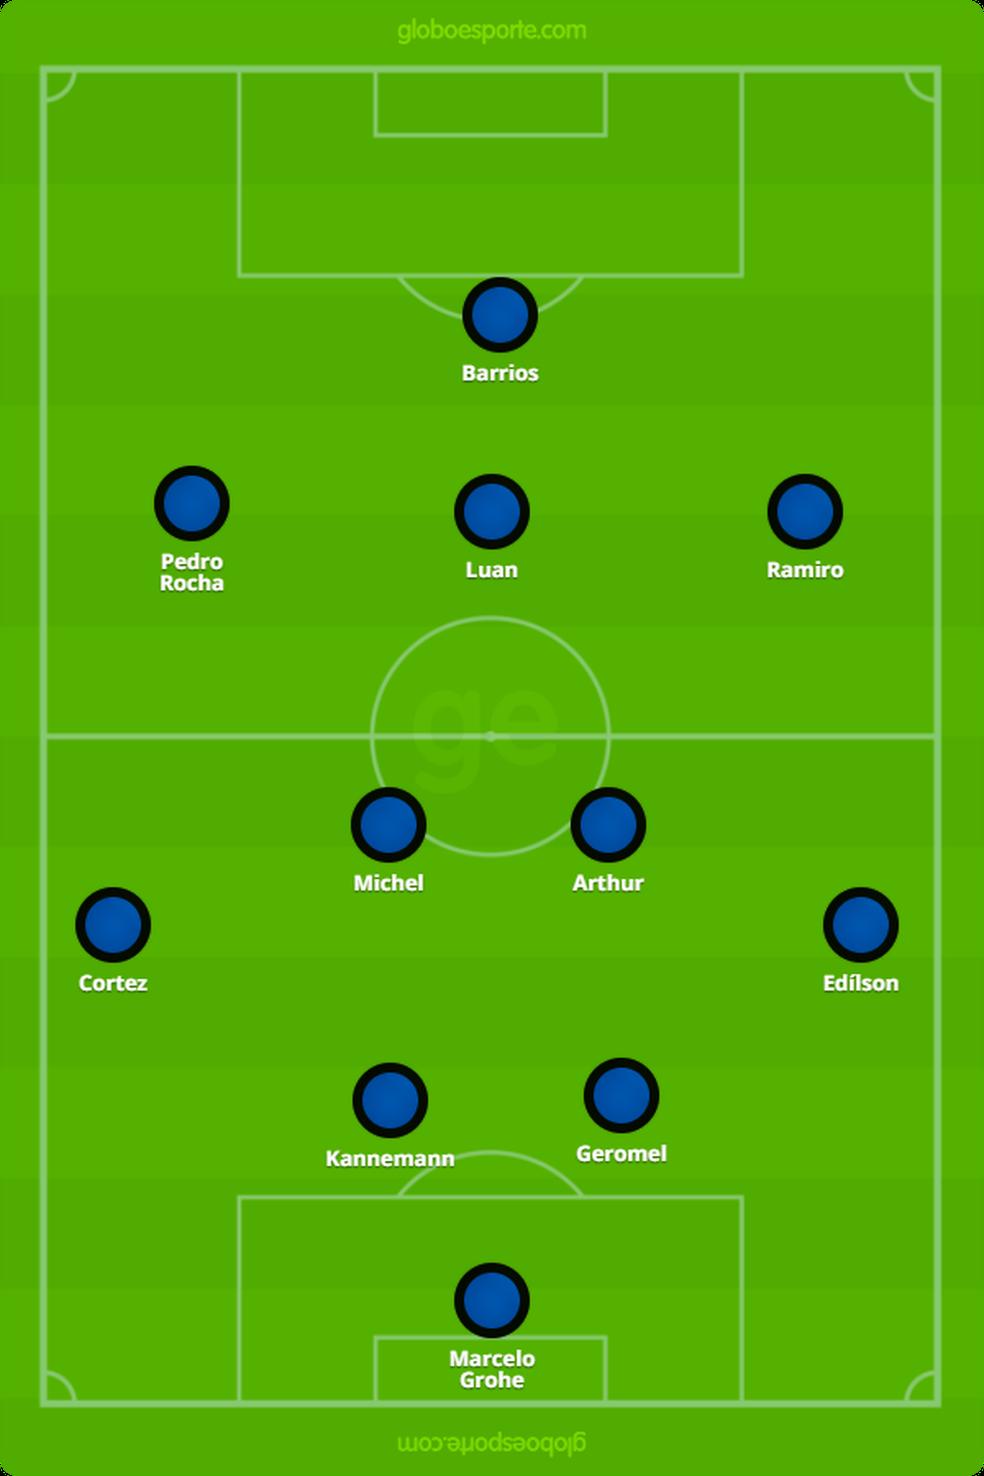 Grêmio repete escalação mais uma rodada (Foto: Reprodução)